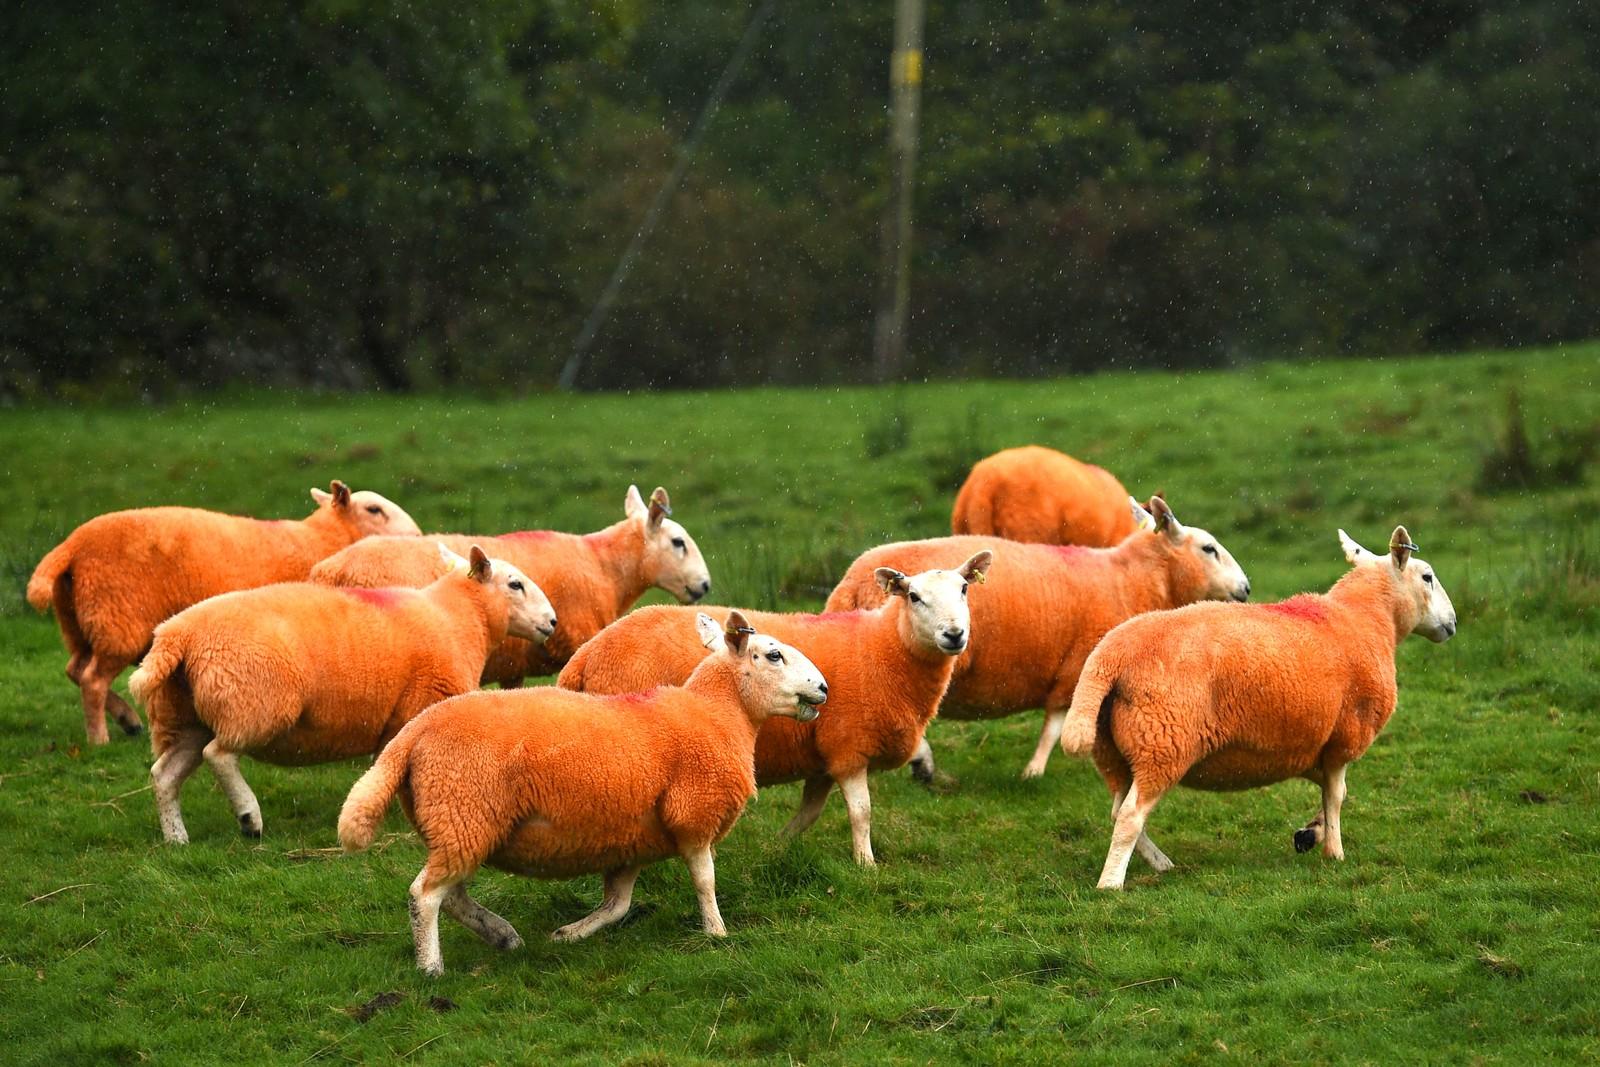 Den engelske bonden Pip Simpson fra Troutbeck har blitt frastjålet 300 sauer de fire siste årene. Derfor bestemte han seg for å farge 800 sauer for å unngå å miste flere av dem.